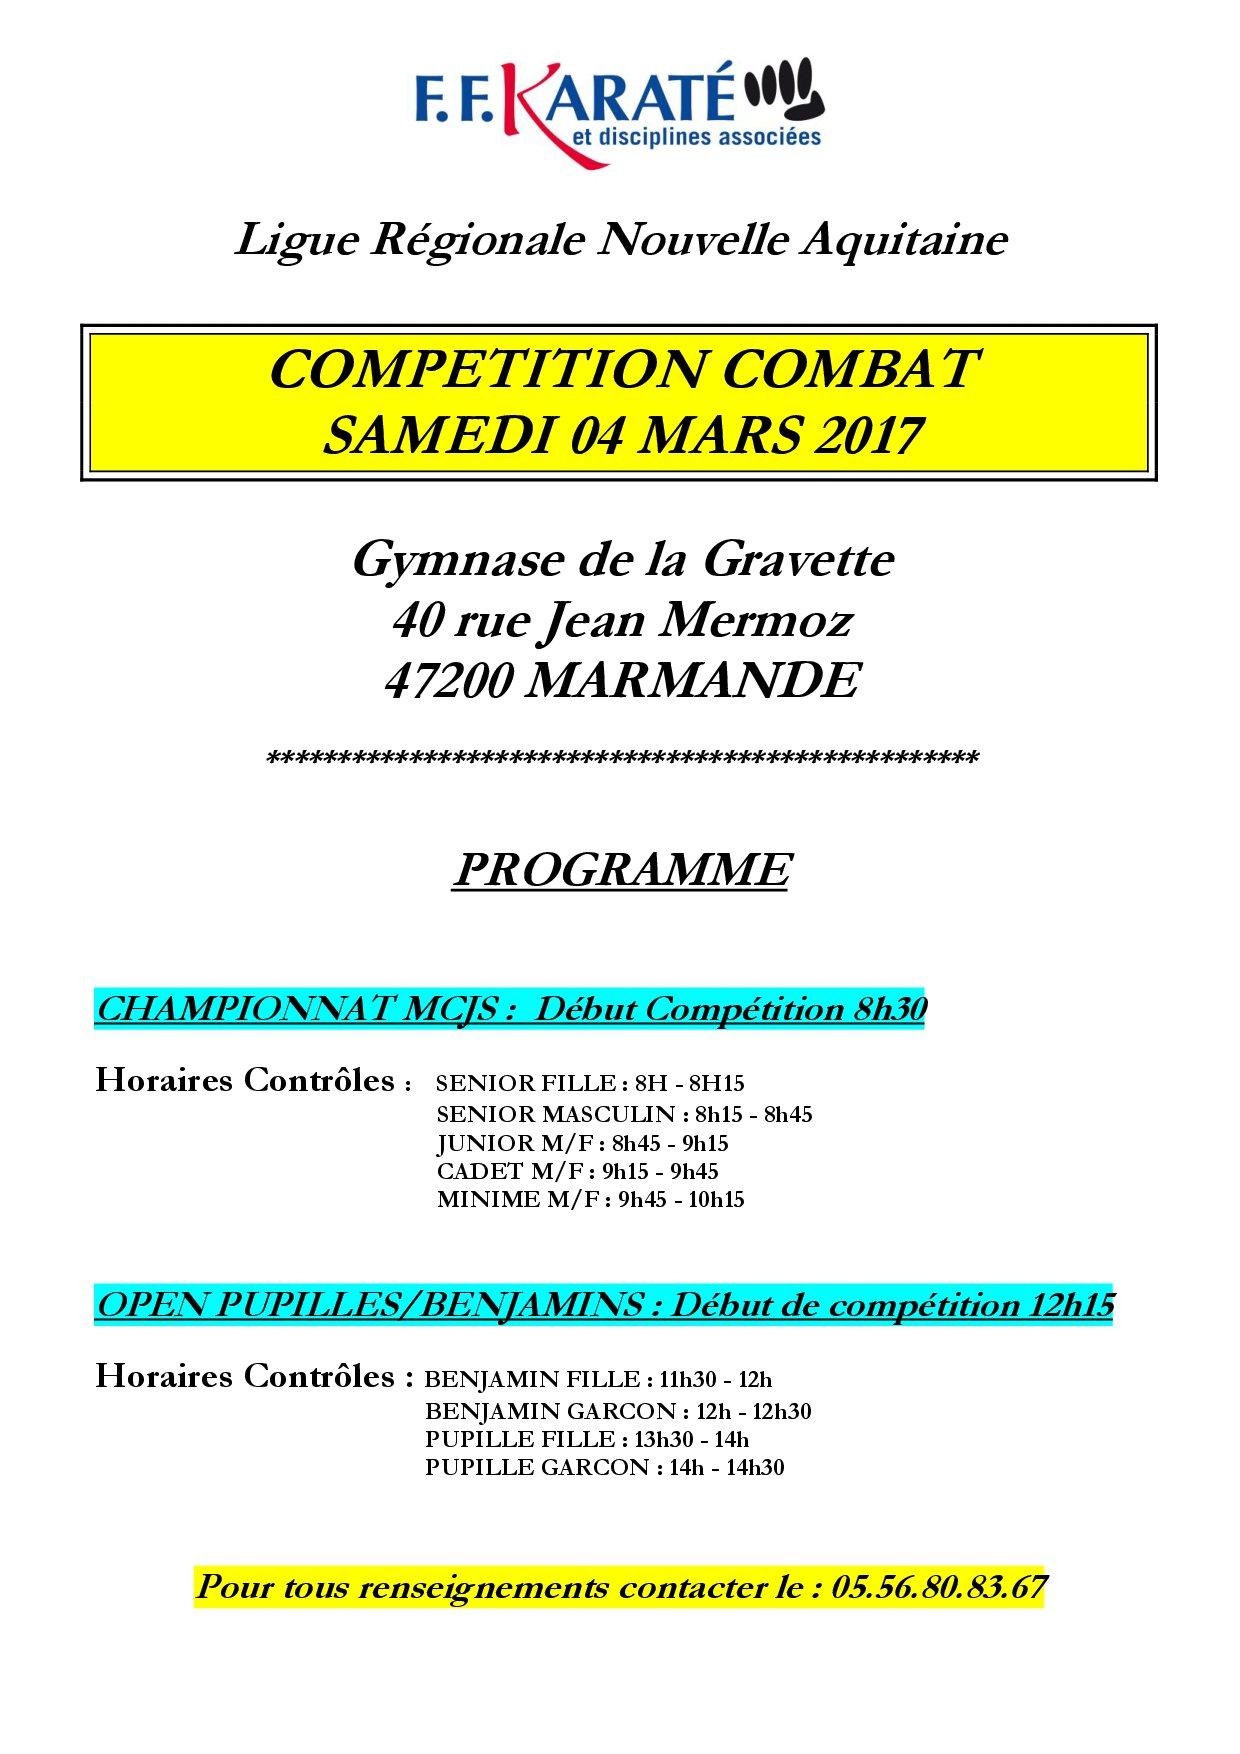 Combats marmande 04 03 17 1